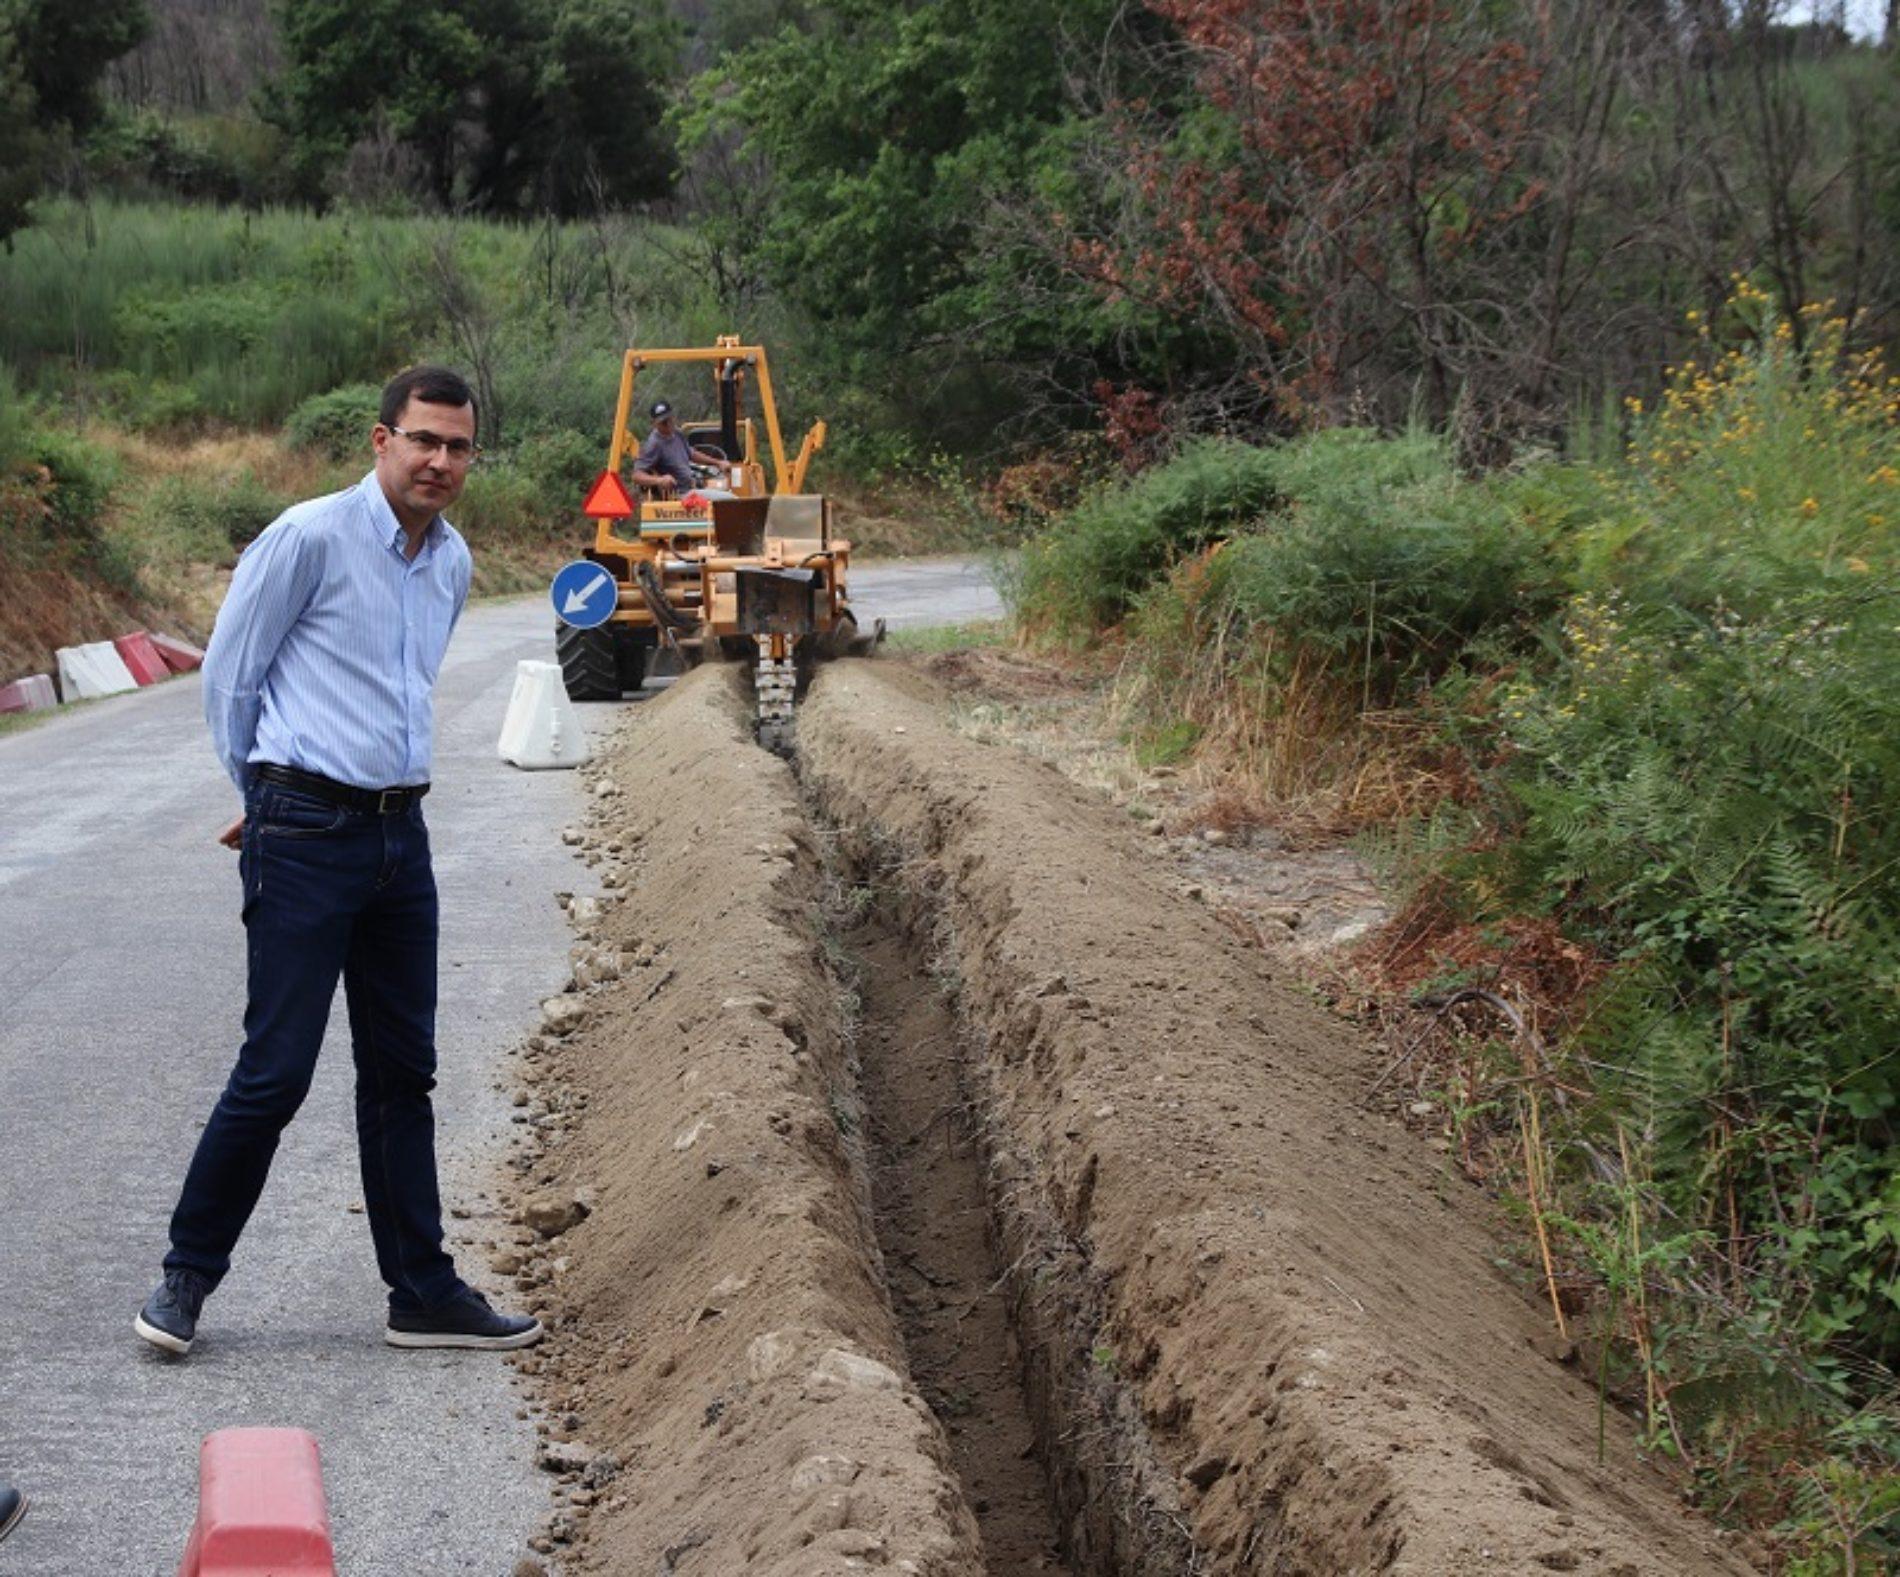 Câmara de Arganil investe mais de 300 mil euros na melhoria do abastecimento de água